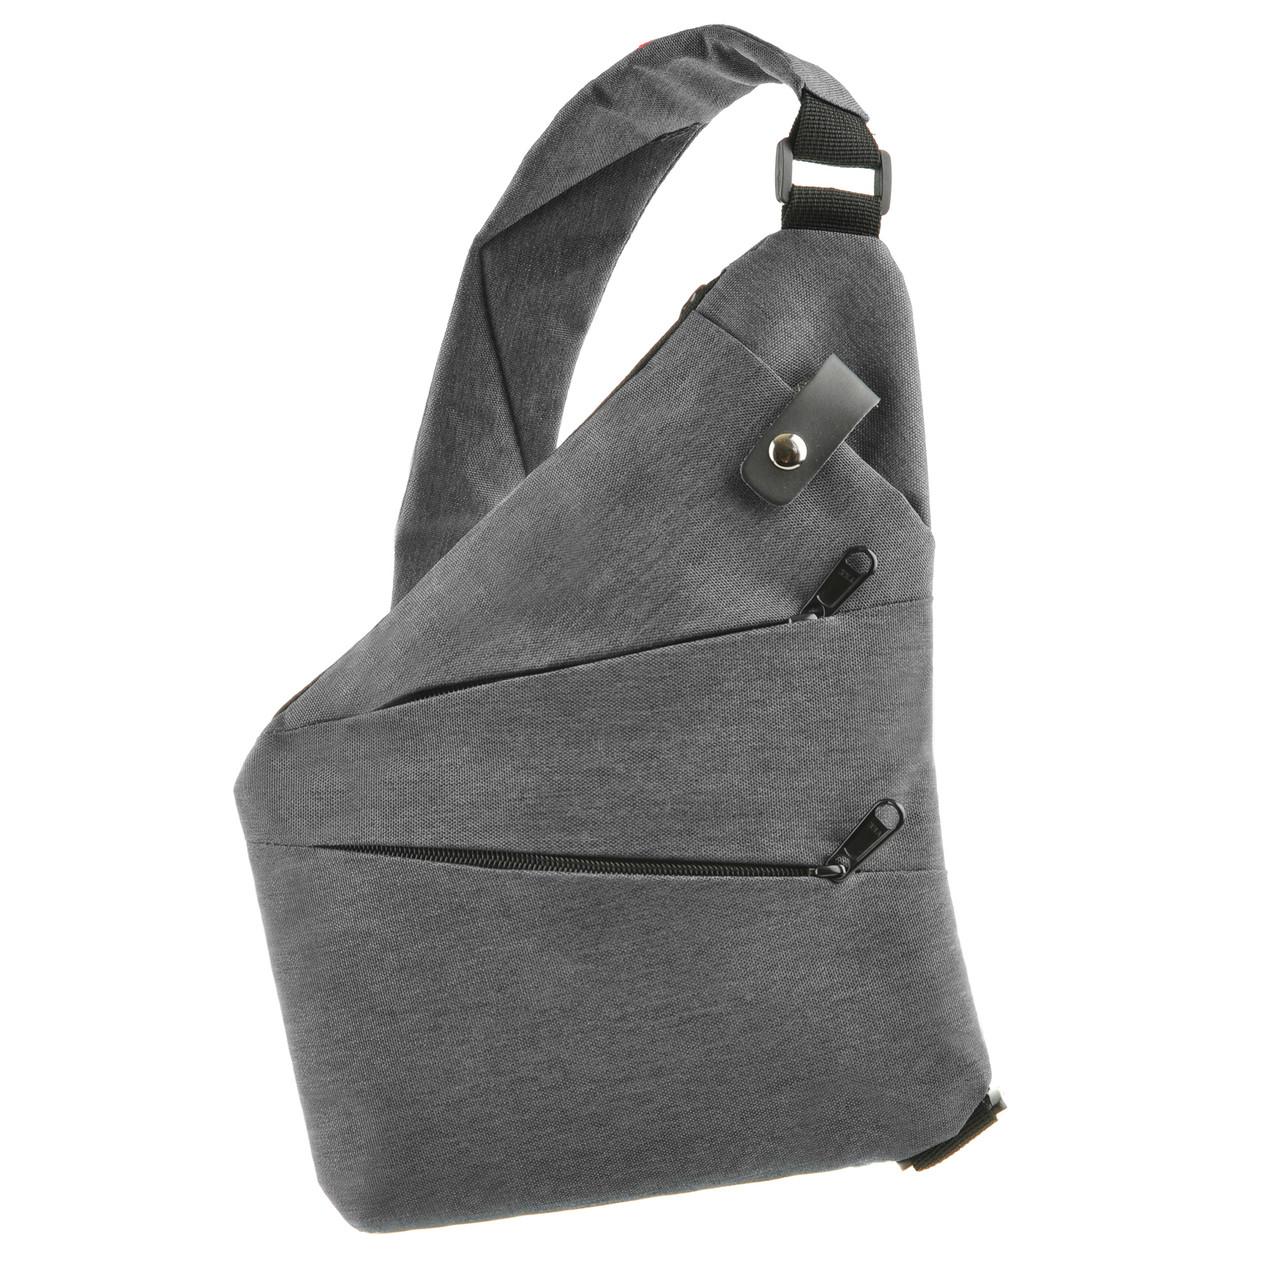 Рюкзак городской одналямка BagHouse 23х31х5 серый полиестер  ксНЛ1692сер